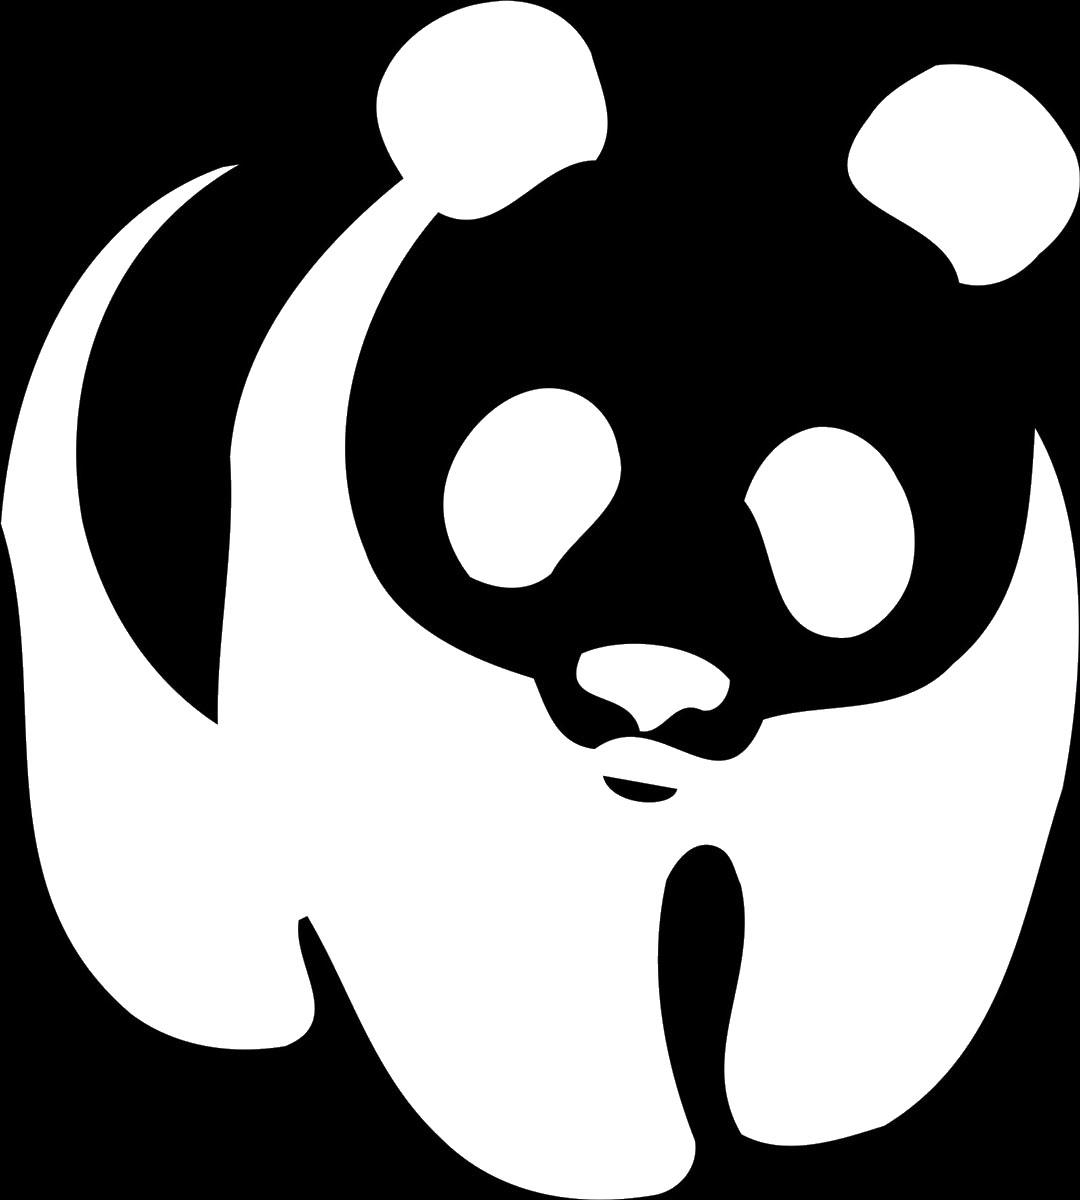 Наклейка автомобильная Оранжевый слоник Панда, виниловая, цвет: белый150PR0004WОригинальная наклейка Оранжевый слоник Панда изготовлена из долговечного винила, который выполняет не только декоративную функцию, но и защищает кузов от небольших механических повреждений, либо скрывает уже существующие. Виниловые наклейки на авто - это не только красиво, но еще и быстро! Всего за несколько минут вы можете полностью преобразить свой автомобиль, сделать его ярким, необычным, особенным и неповторимым!